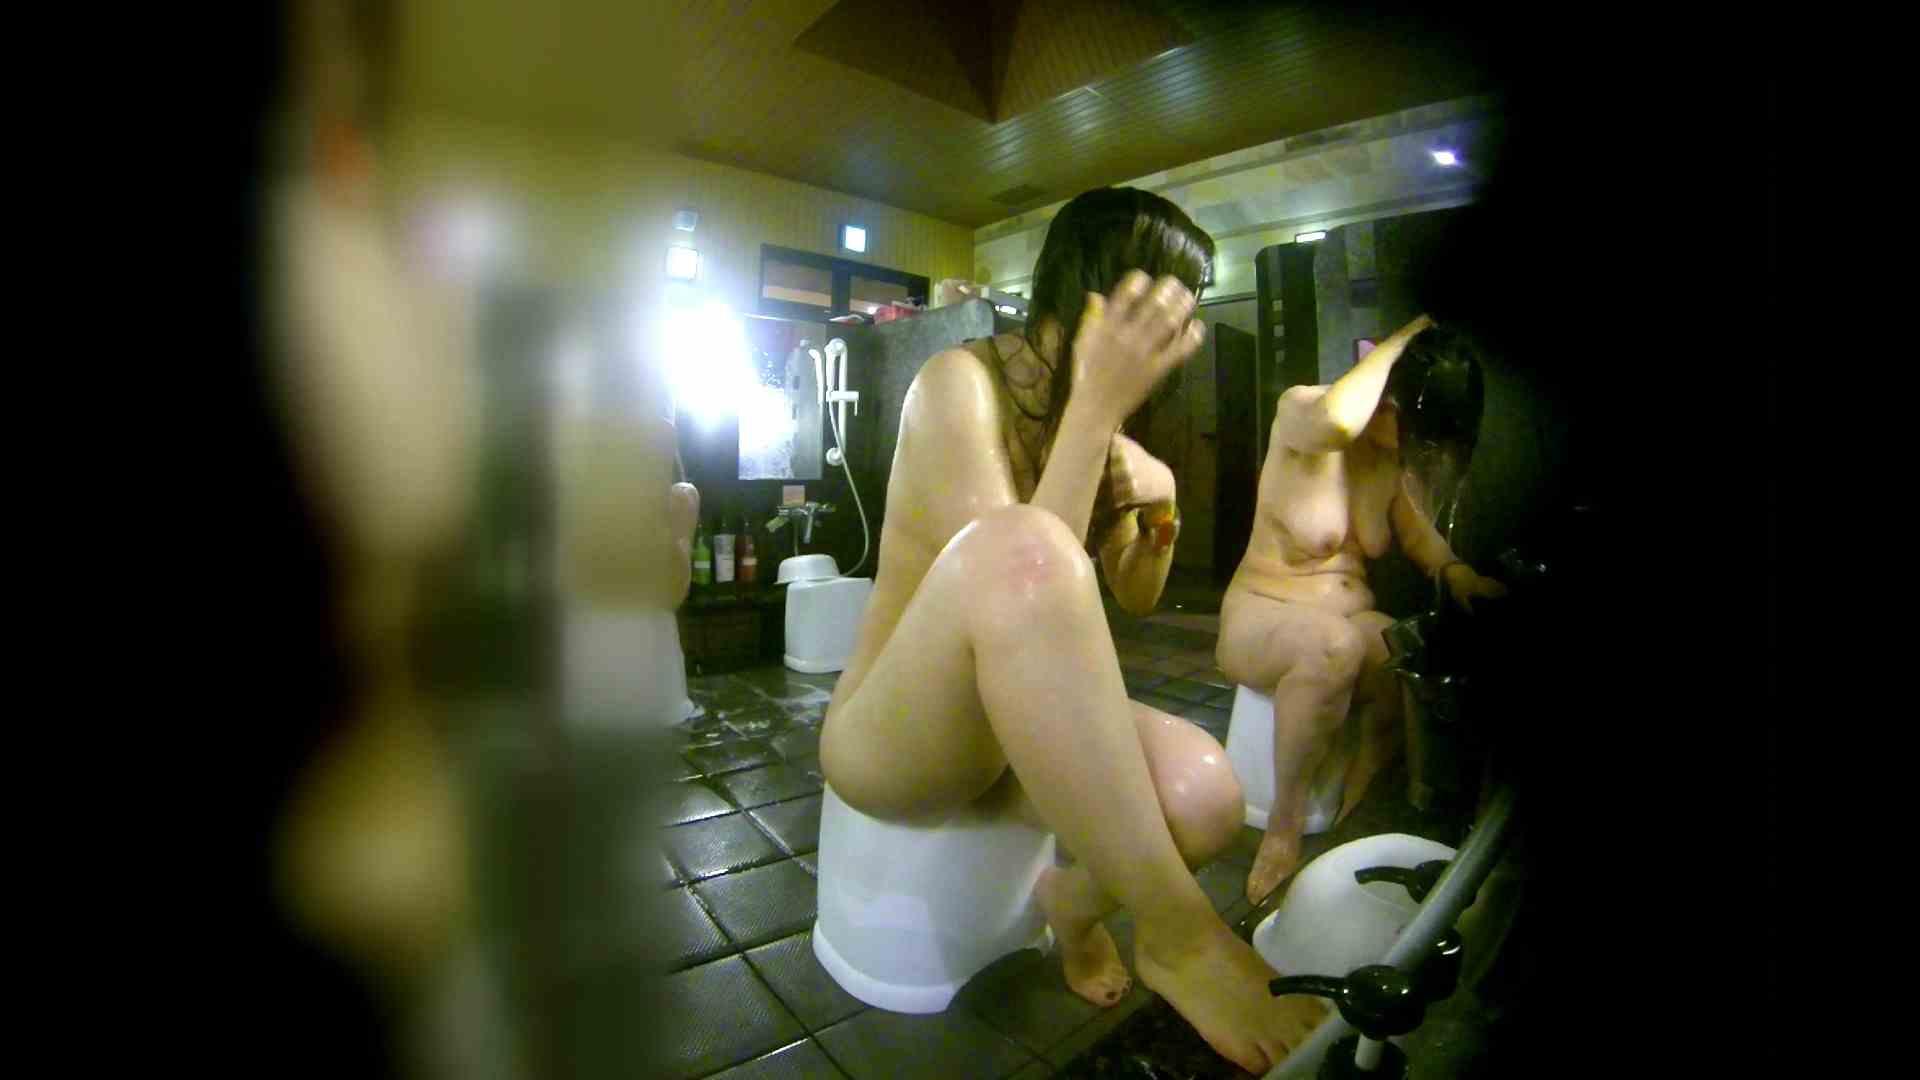 洗い場!右足の位置がいいですね。陰毛もっさり! 美乳 おまんこ動画流出 74画像 26